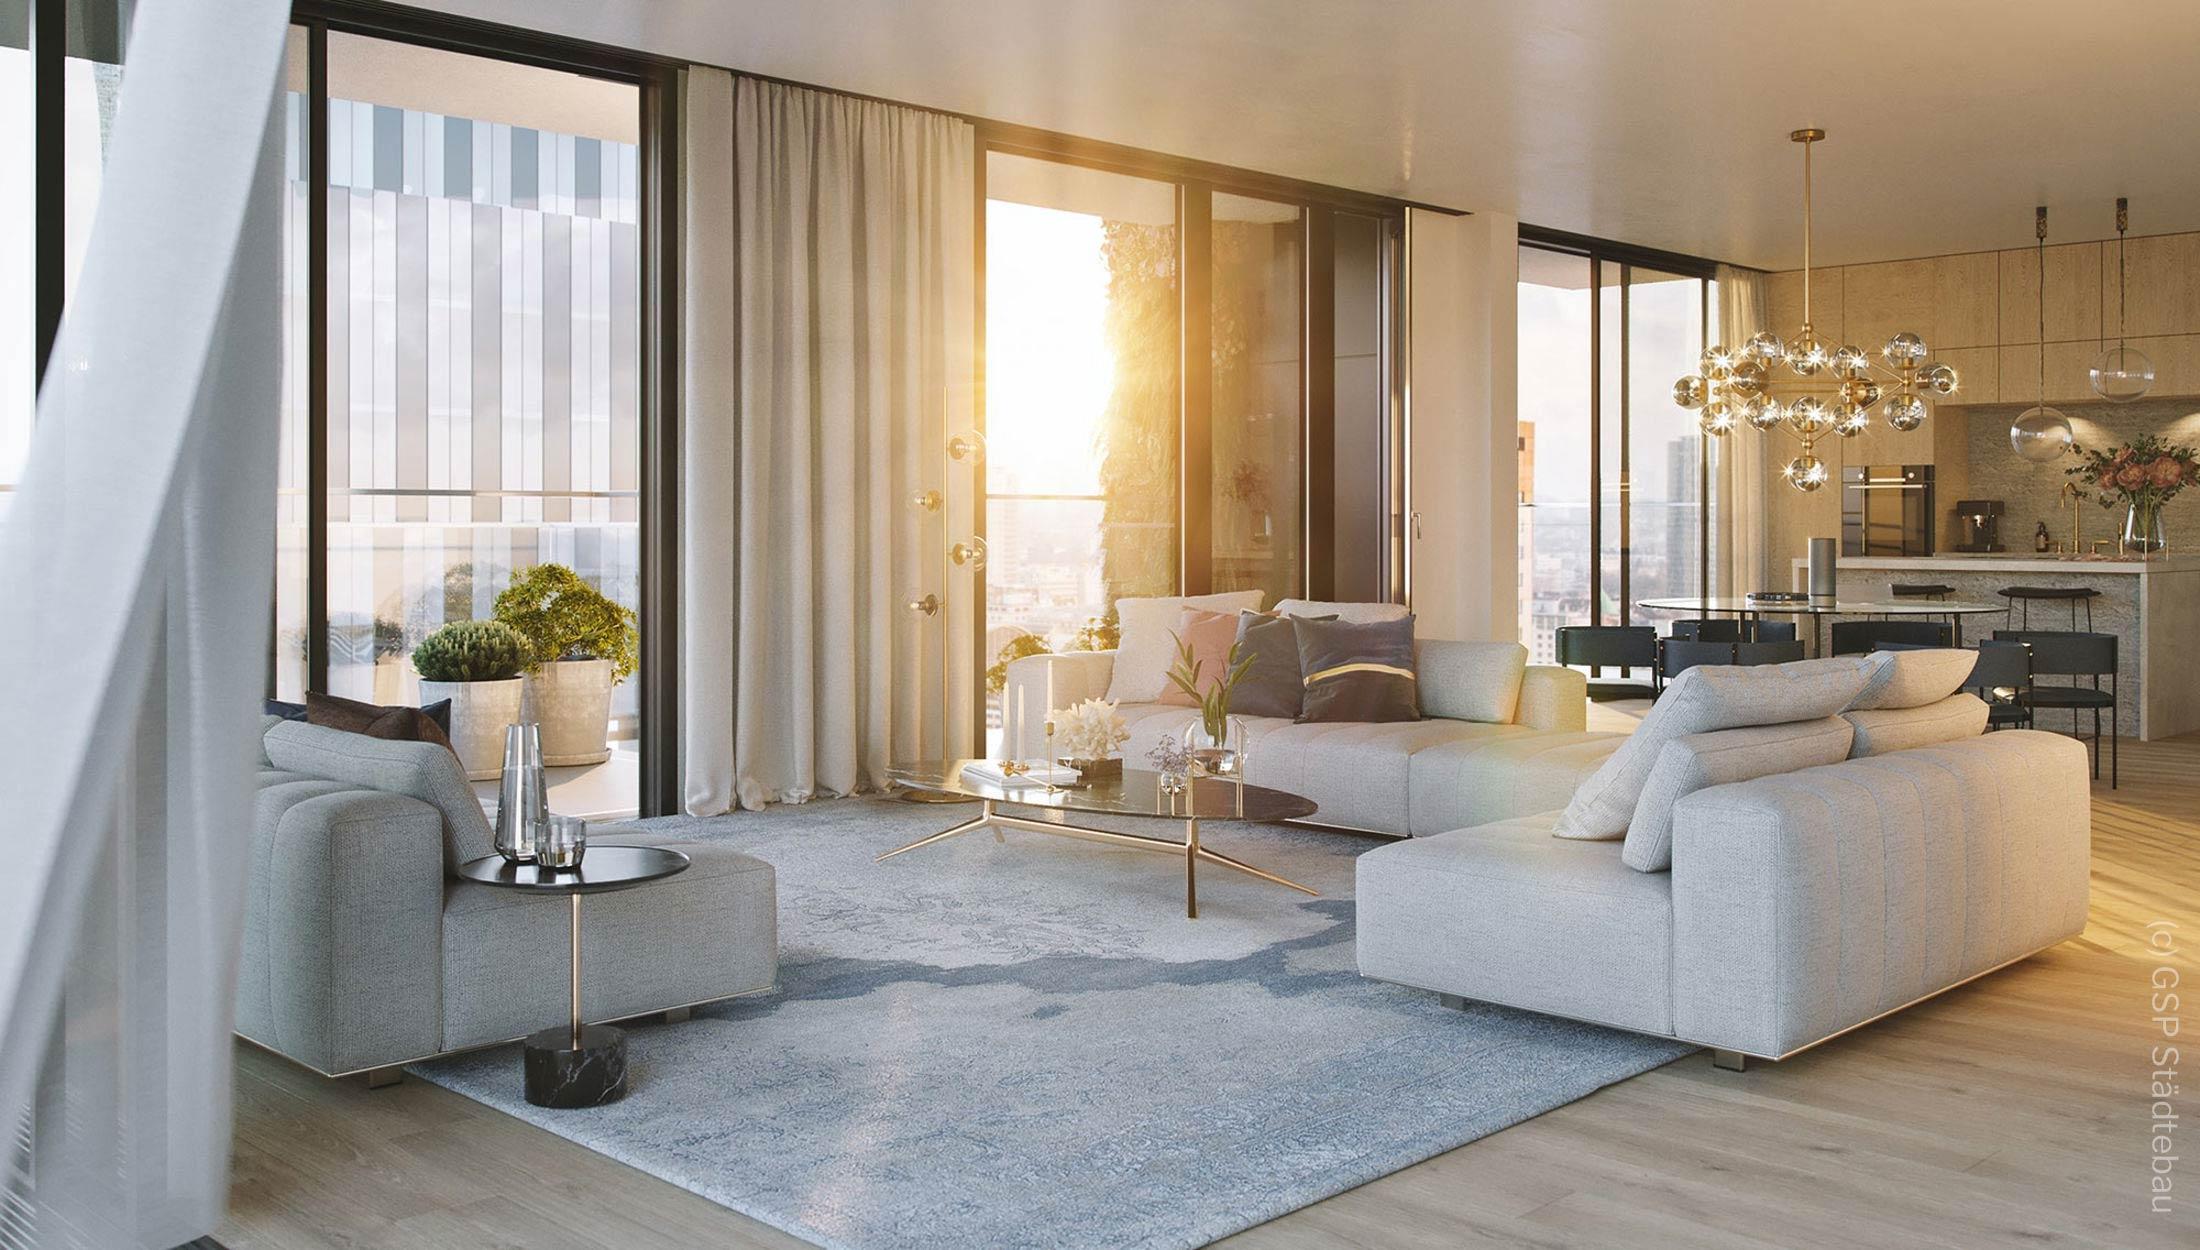 EDEN Frankfurt Wohnung zum Kauf - EDEN Wohnung kaufen - Frankfurt